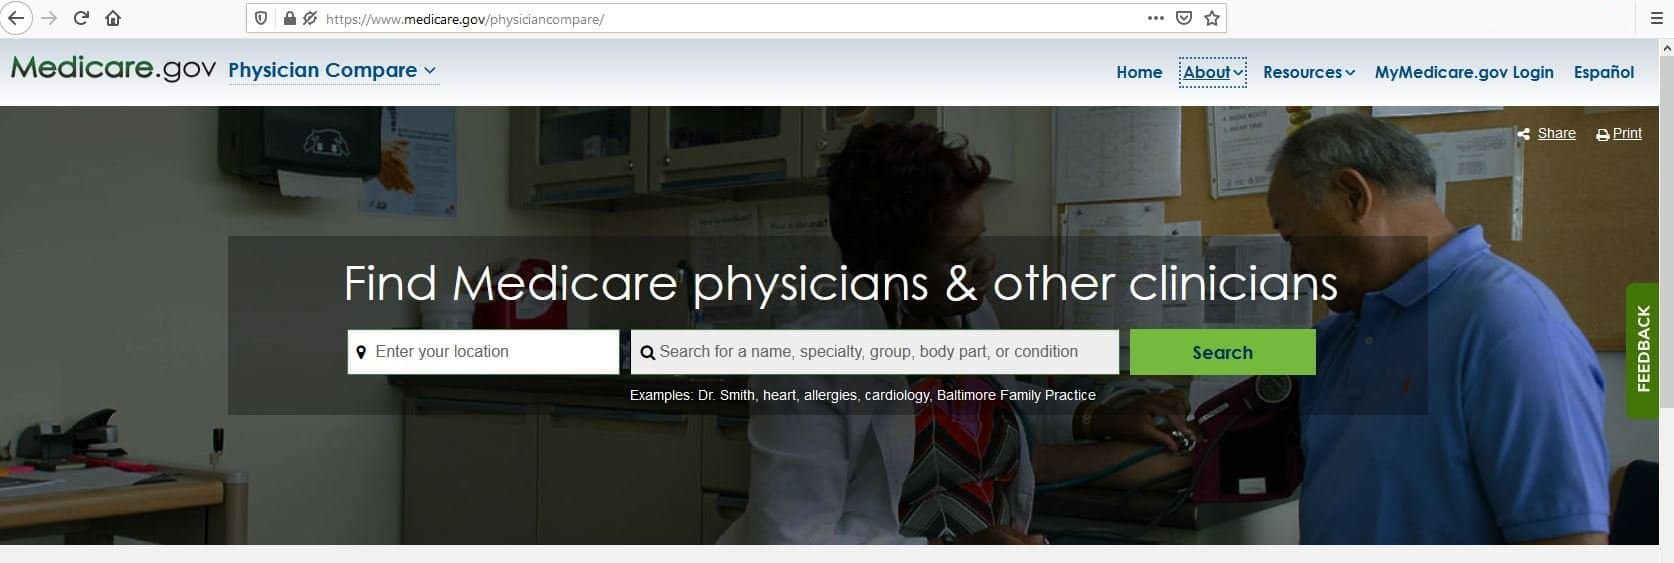 Physician Compare